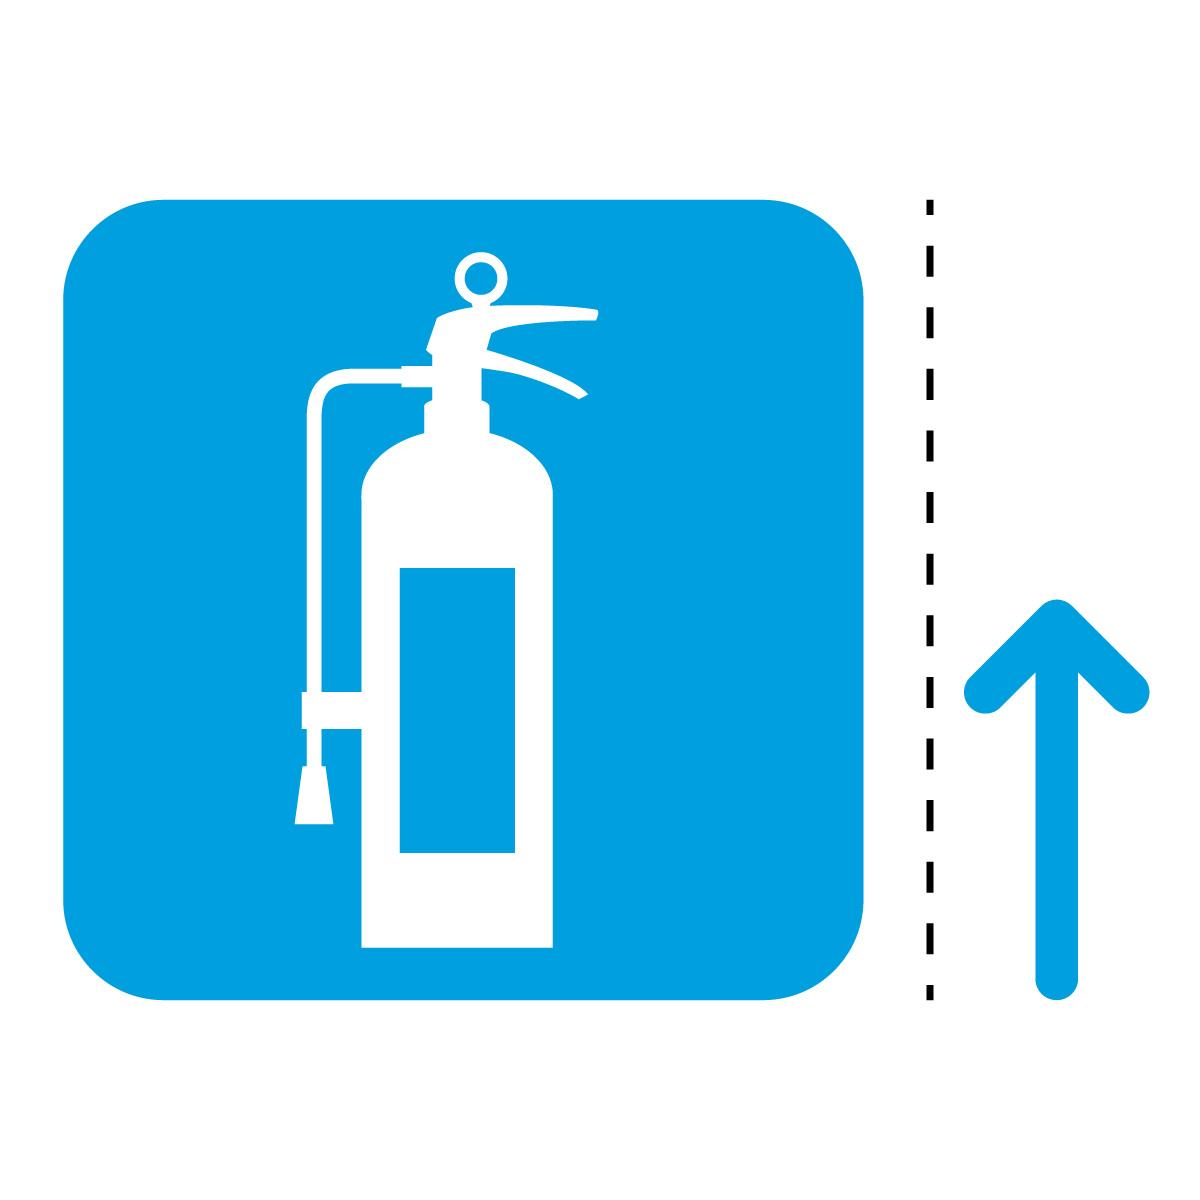 青色の消火器案内マーク(矢印付き)のカッティングステッカー・シール